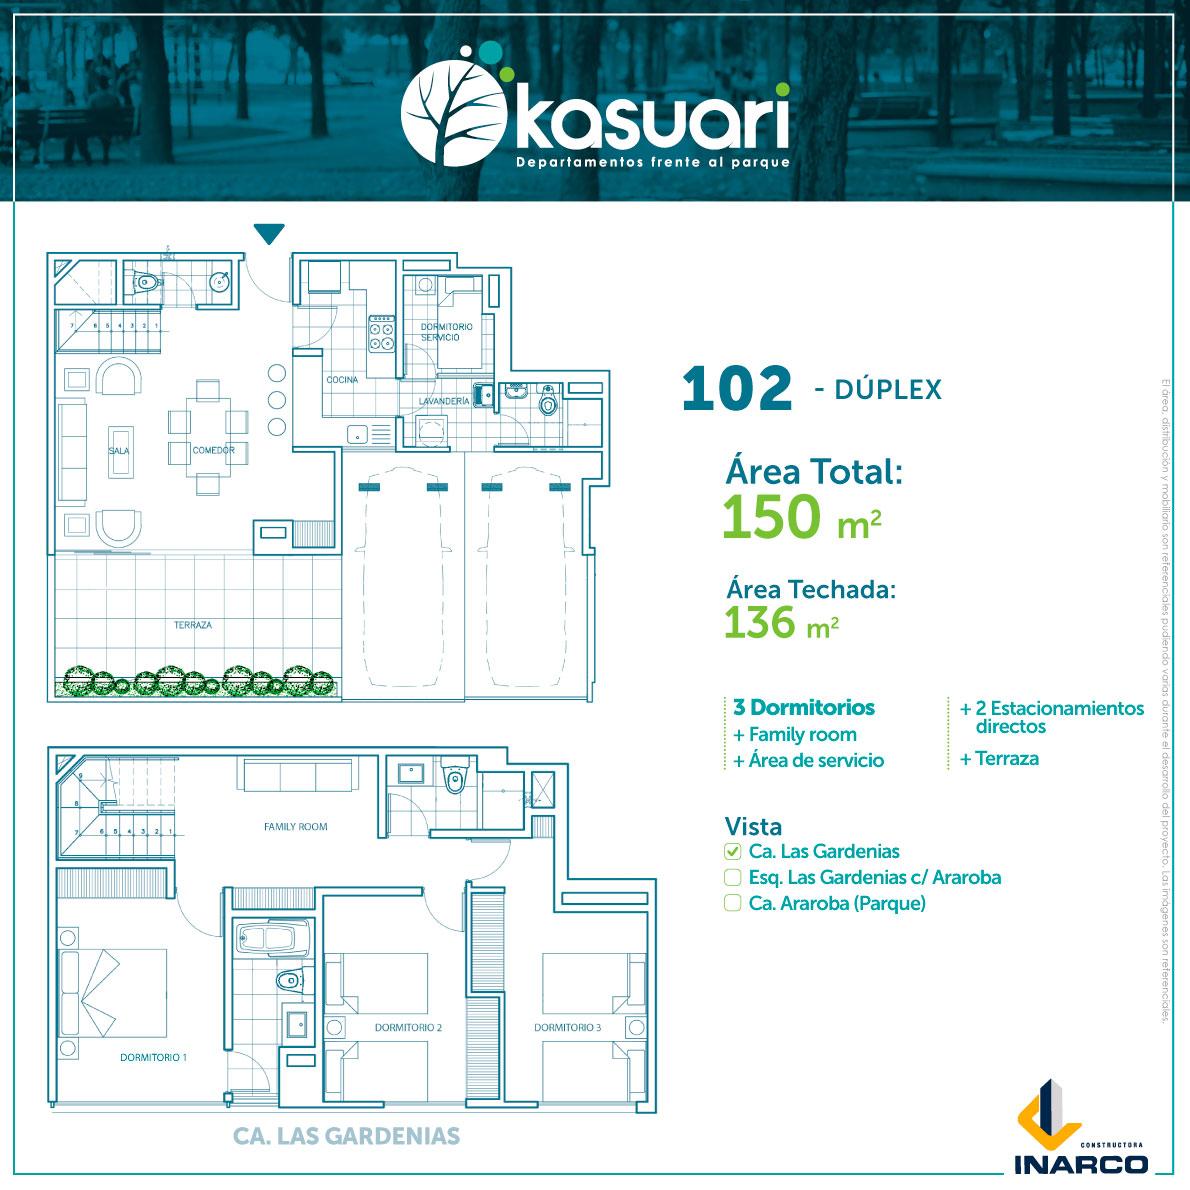 kasuari-102 duplex